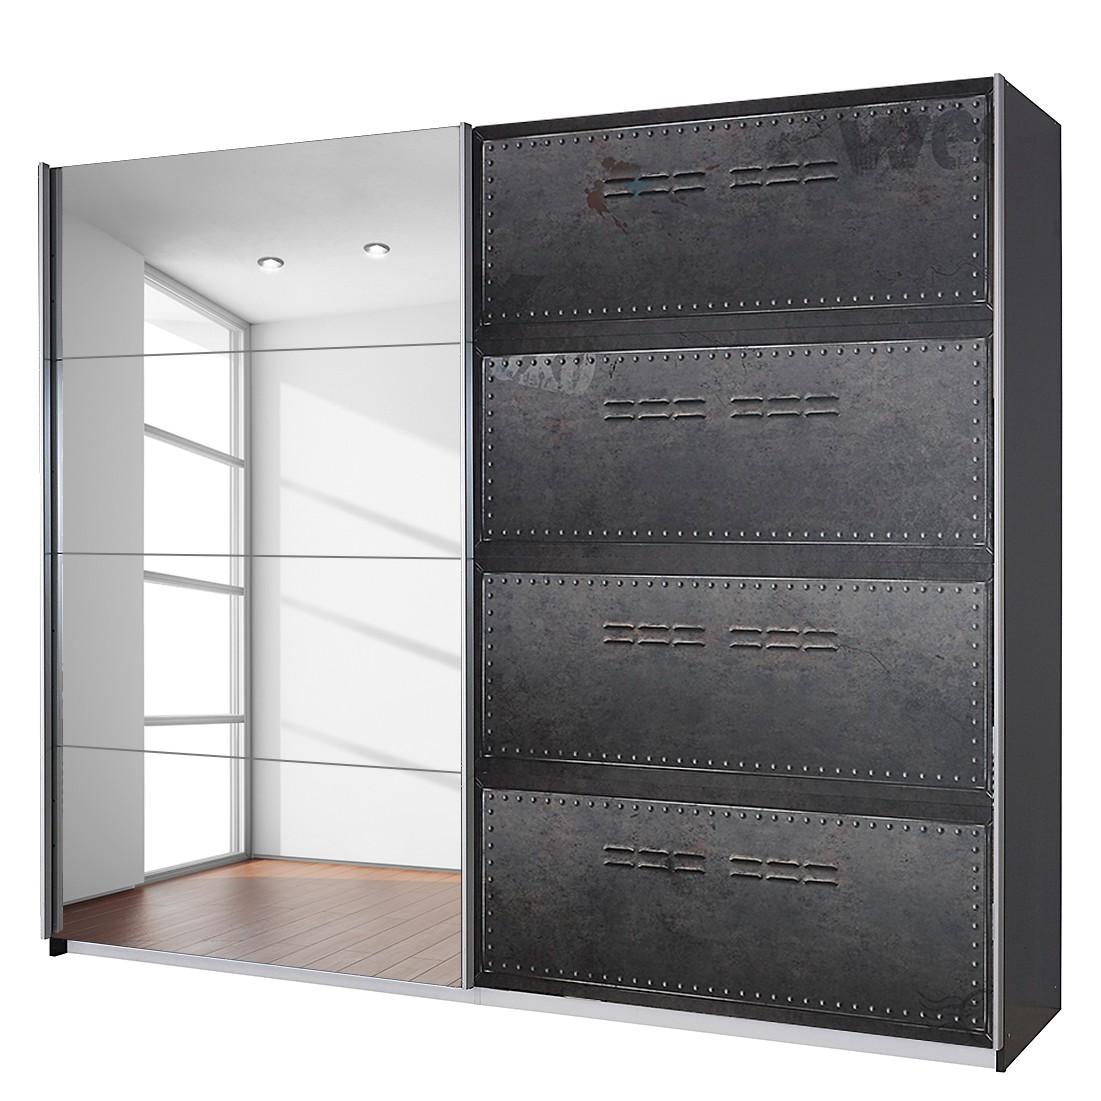 goedkoop Draaideurkast Workbase industrial print look grafietkleurig Zonder verlichting 181cm 2 deurs Rauch Select